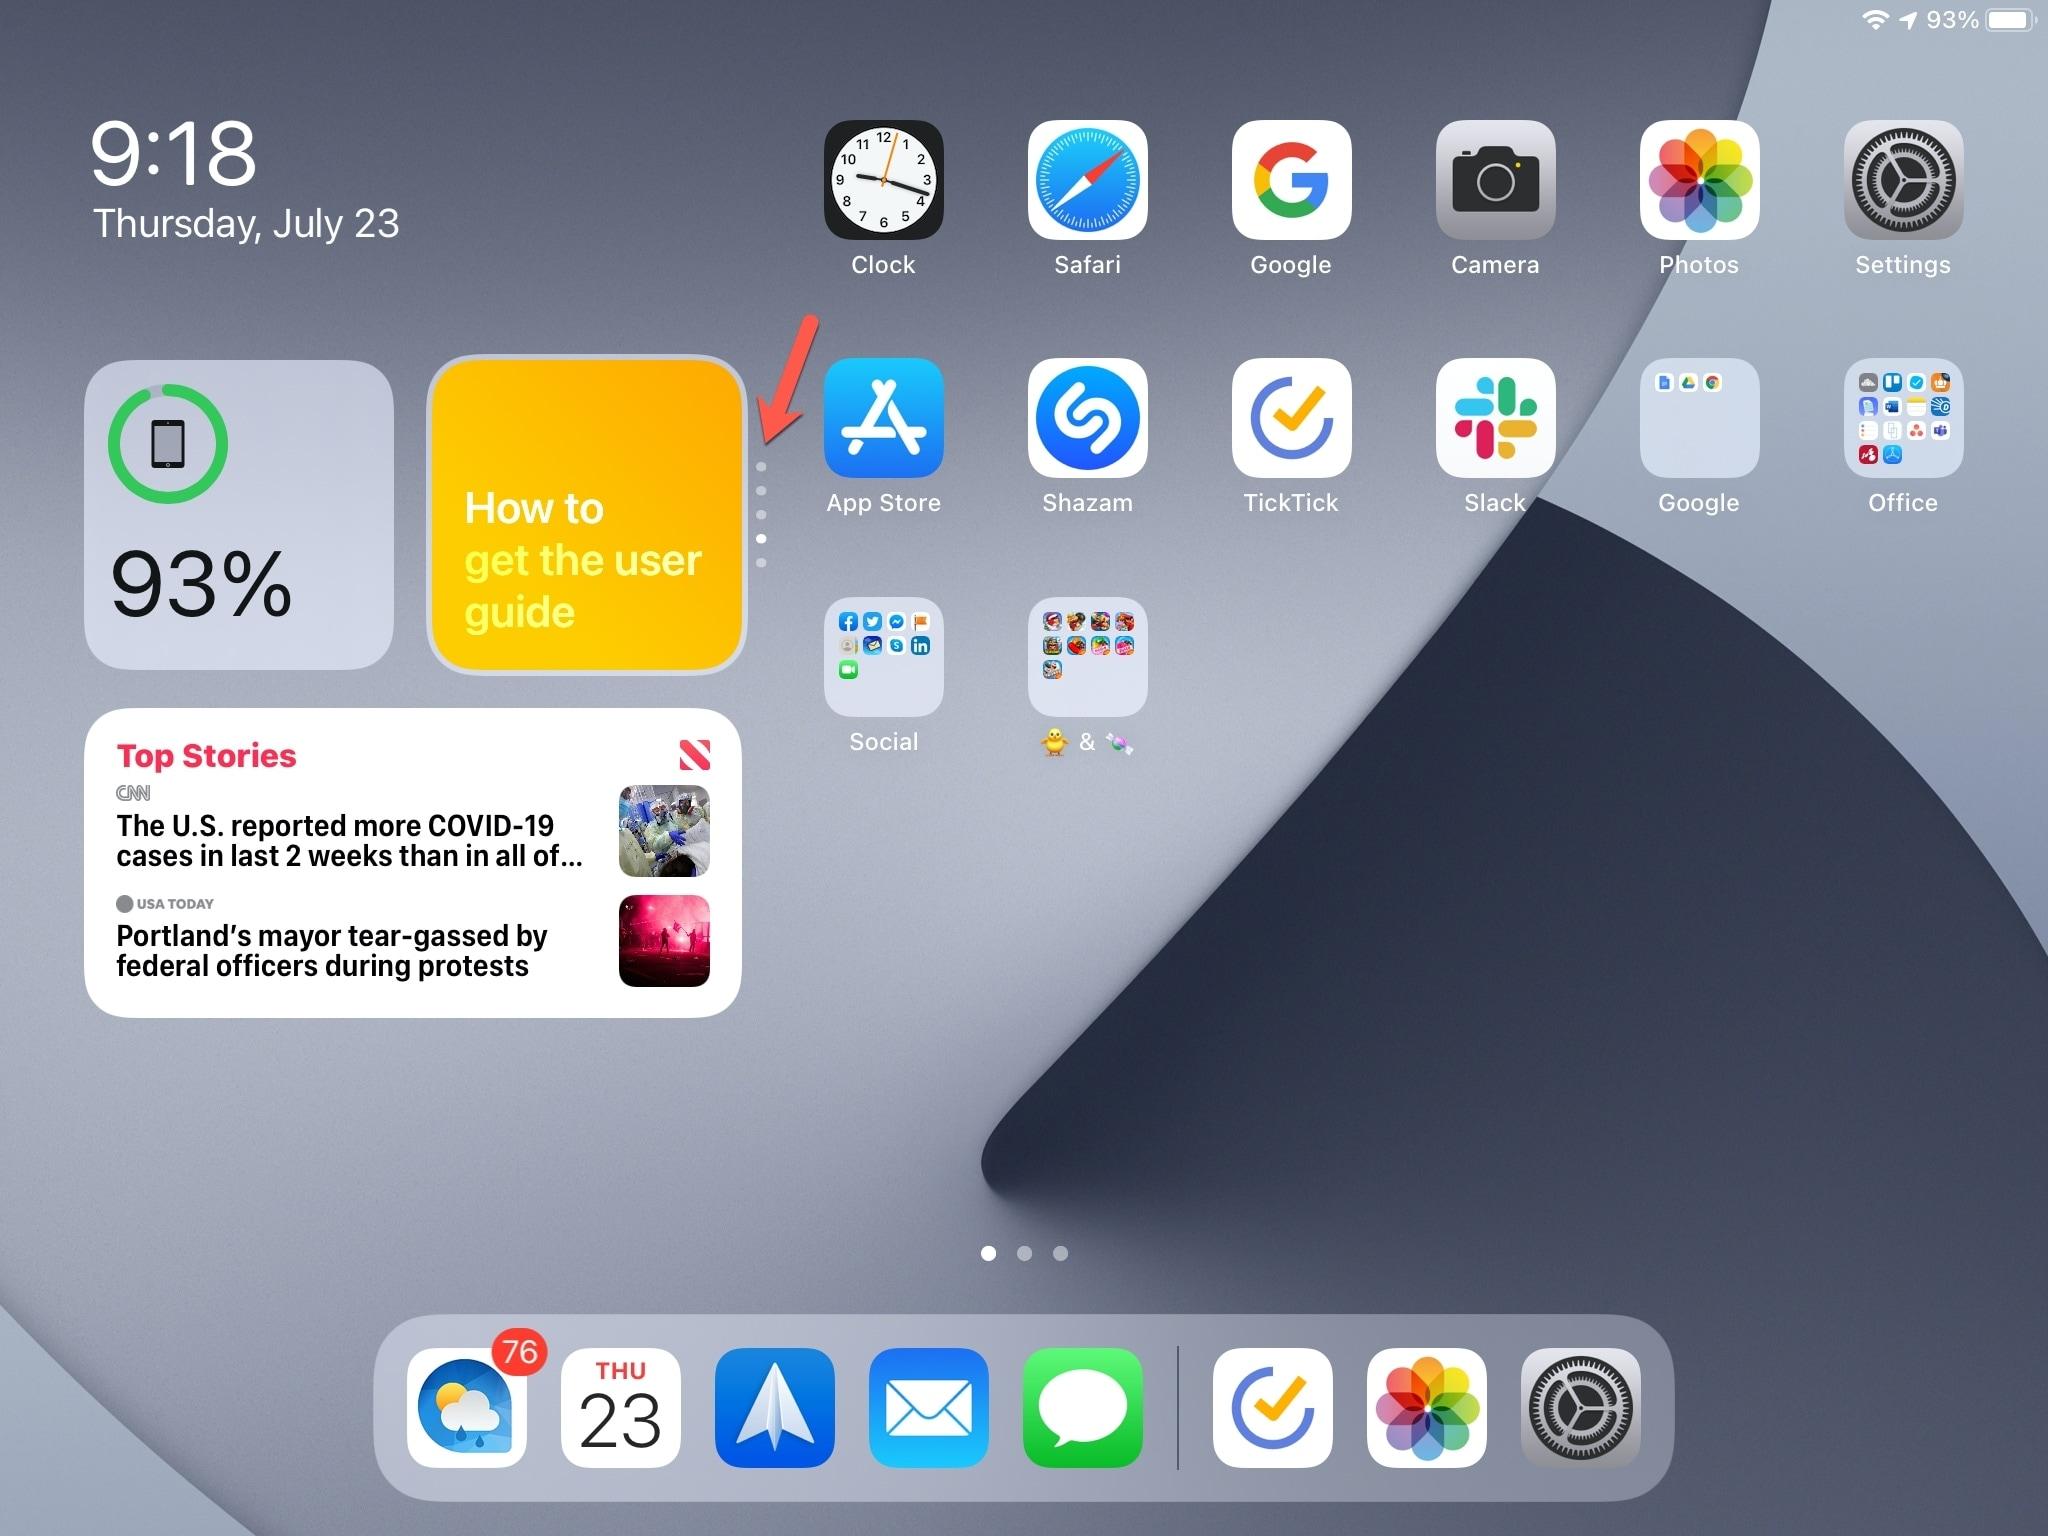 Gire a pilha inteligente do iPad